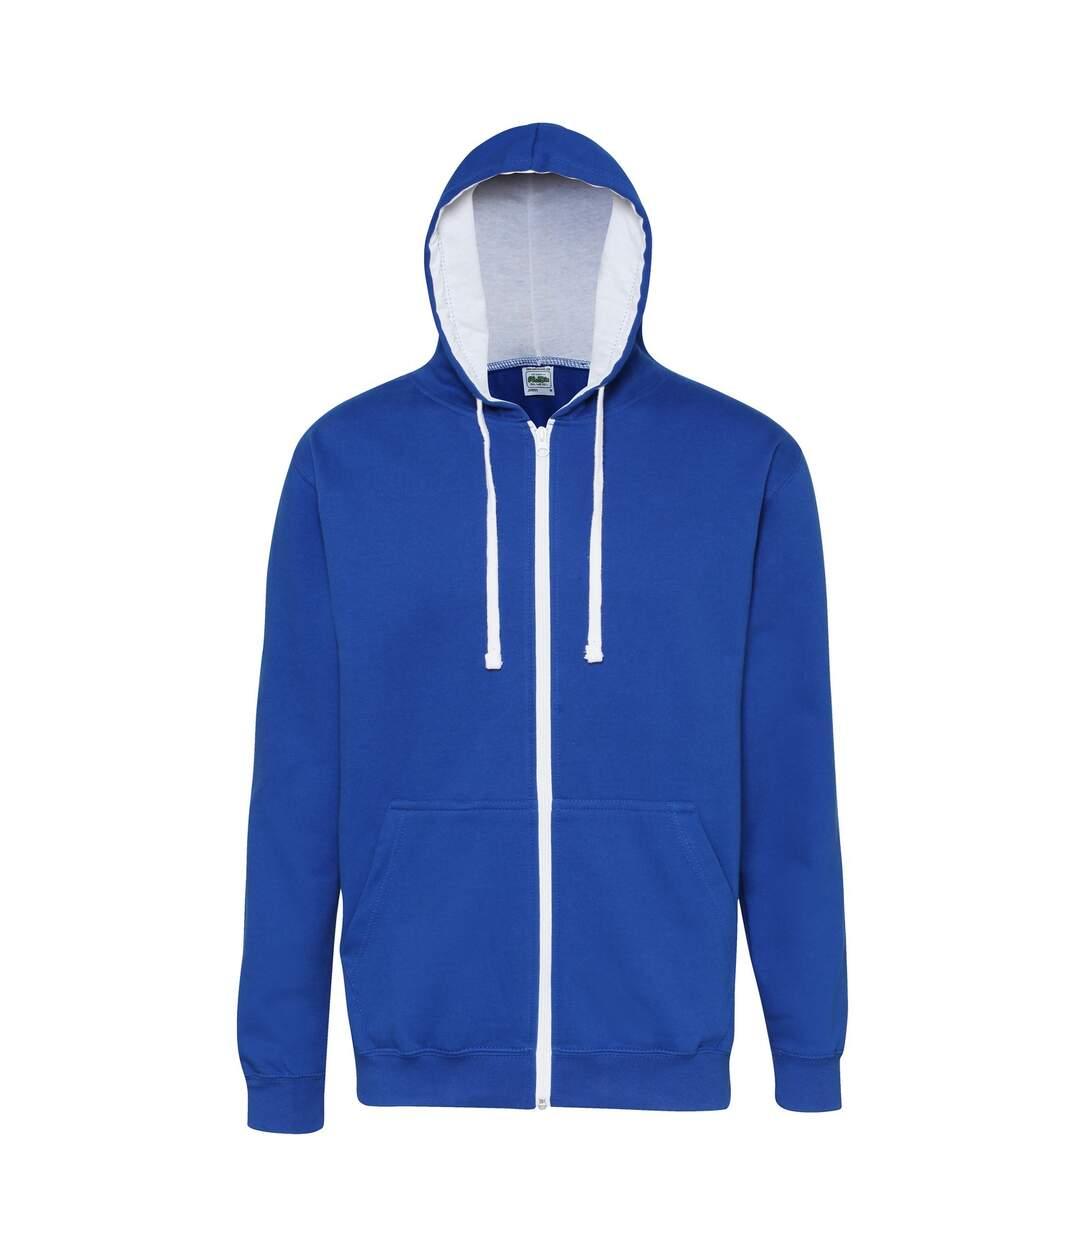 Awdis Mens Varsity Hooded Sweatshirt / Hoodie / Zoodie (Royal Blue/Arctic White) - UTRW182